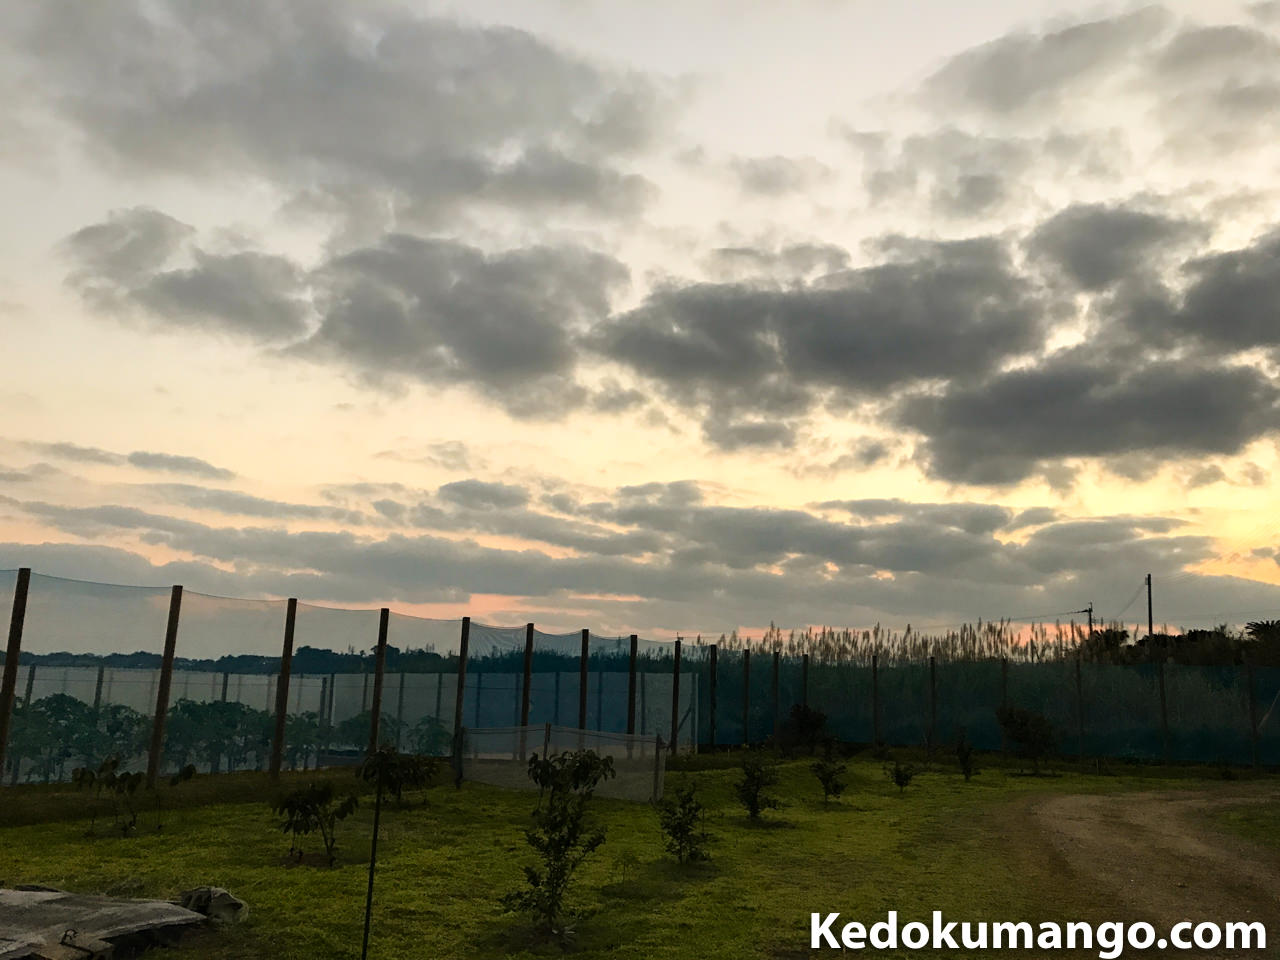 液肥の散布を開始する夜明け前の様子